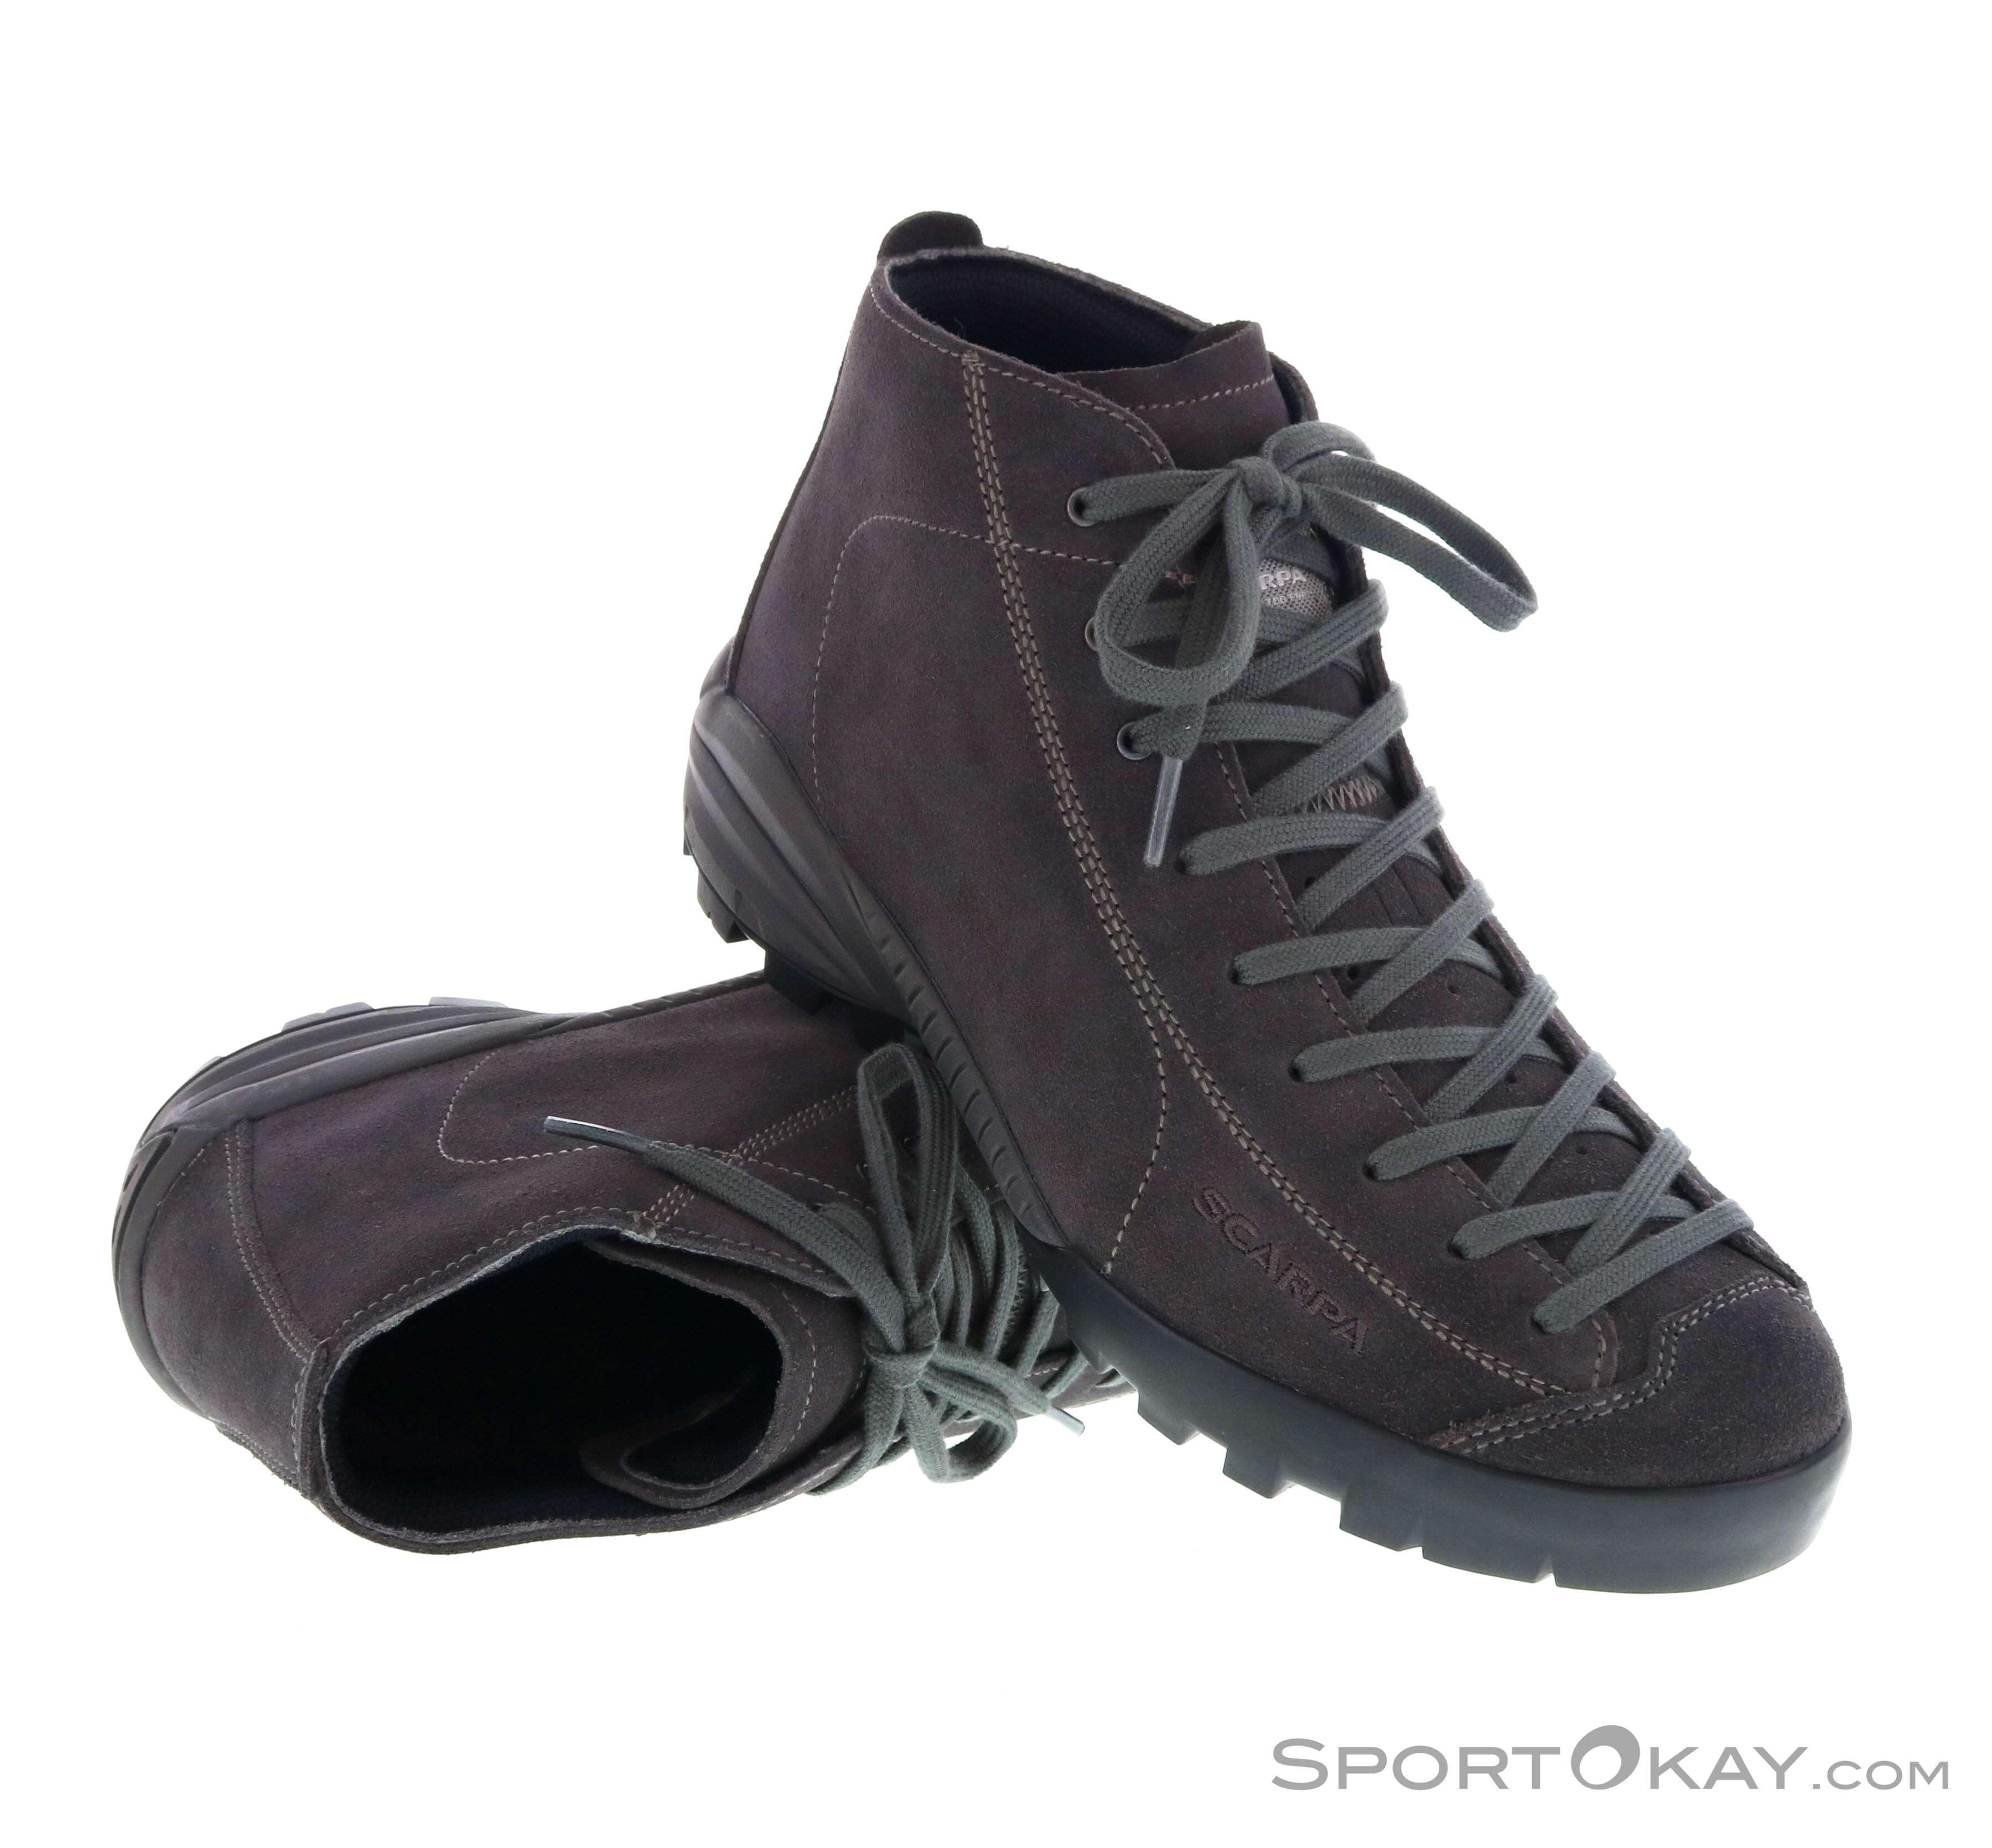 4680e5ba34a Scarpa Scarpa Mojito City Mid Mens Leissure Shoes Gore-Tex